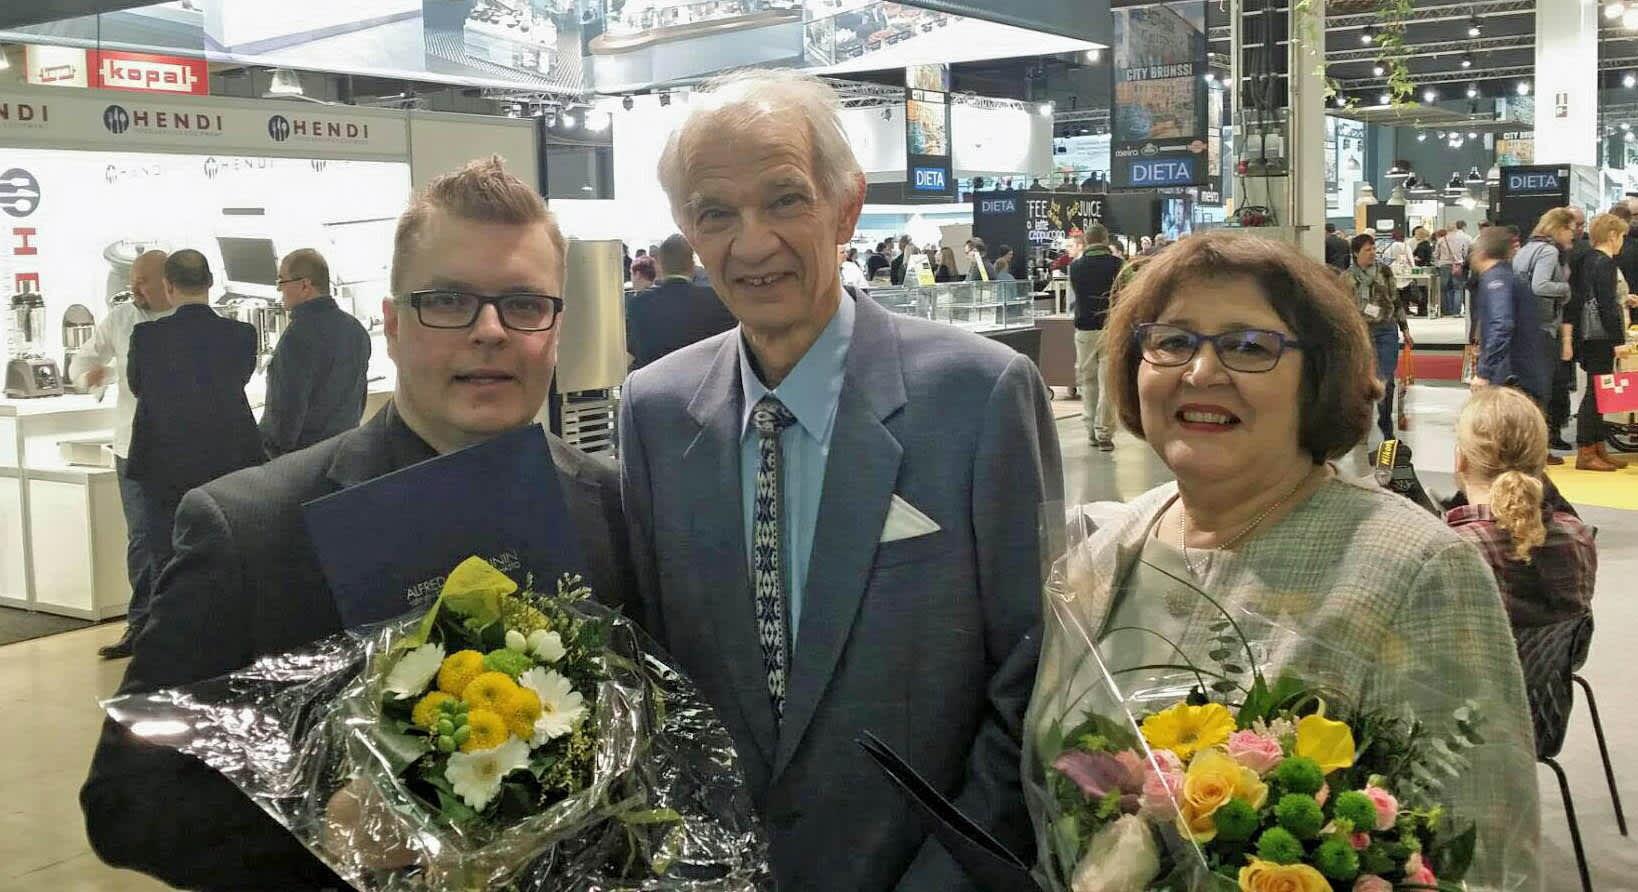 Juha Mäntykenttä, Jaakko Kolmonen ja Eeva-Maija Laurila Gastro-messut 2016